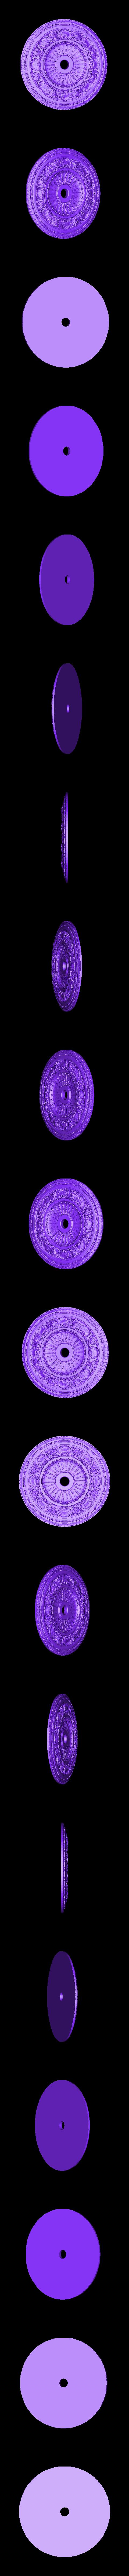 28.stl Télécharger fichier OBJ gratuit Moulures vintage pour vieux appartements classiques cnc art machine à router 3D printed • Modèle à imprimer en 3D, 3DPrinterFiles